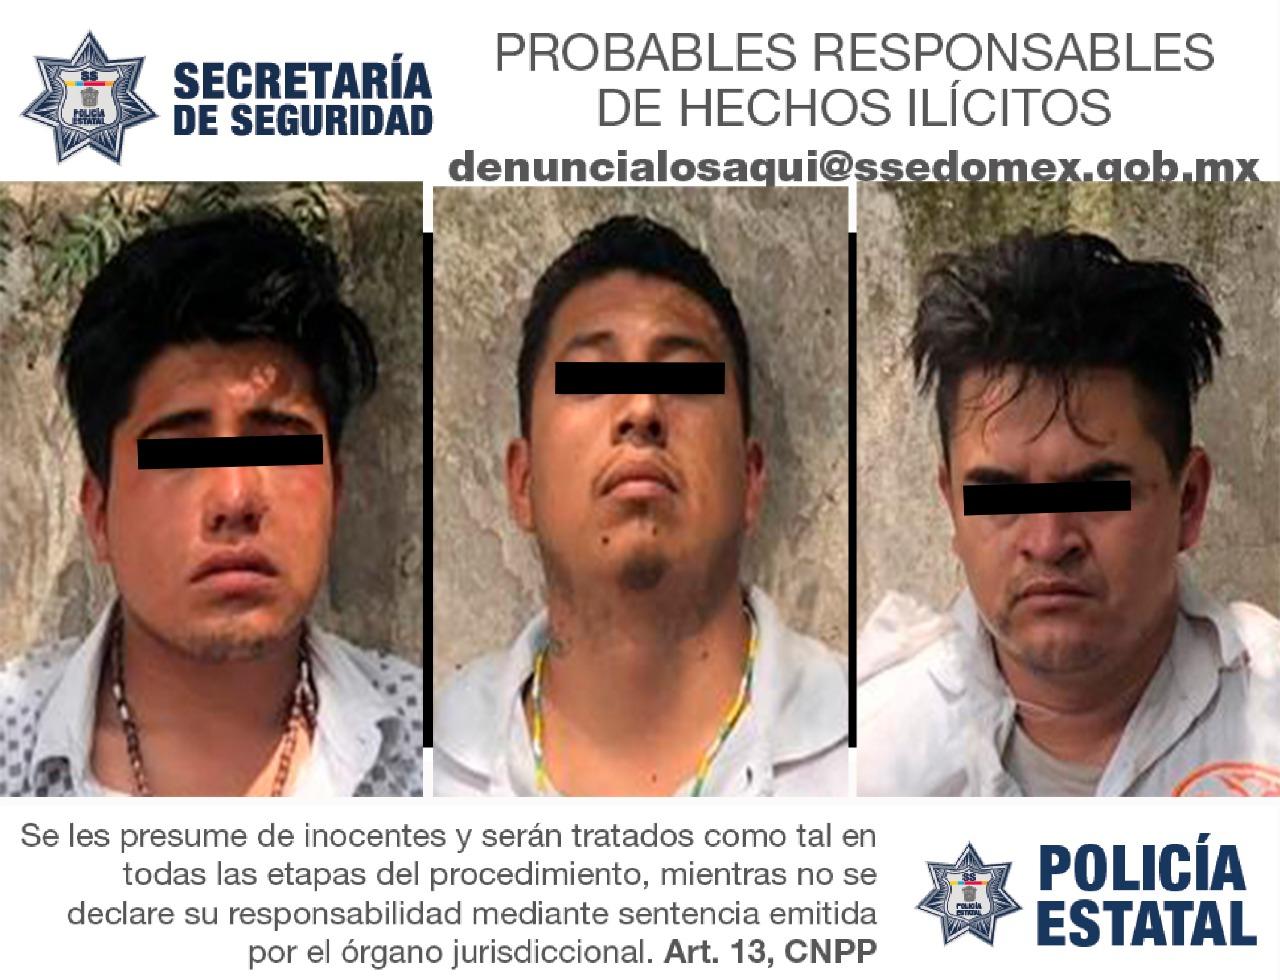 Elementos de la policía estatal detienen a cuatro sujetos luego de robar una tienda departamental.